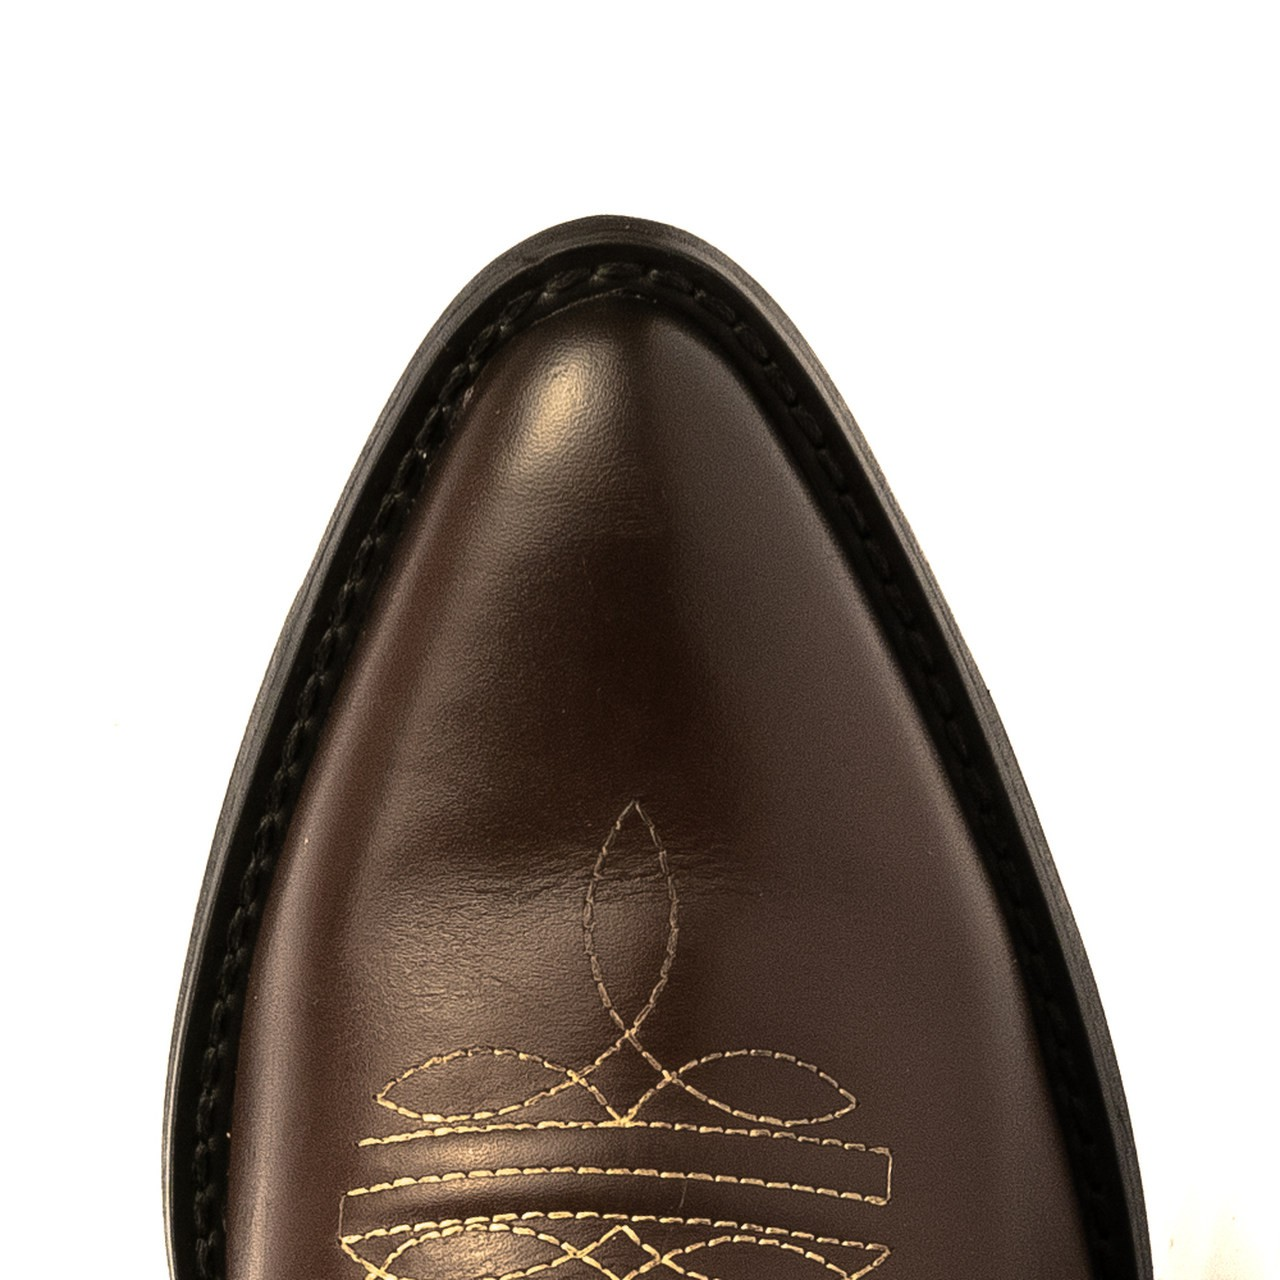 Bota Texana HB Agabe Boots 200.004 - Lt Café + Marrom - Solado de Couro Com Borracha